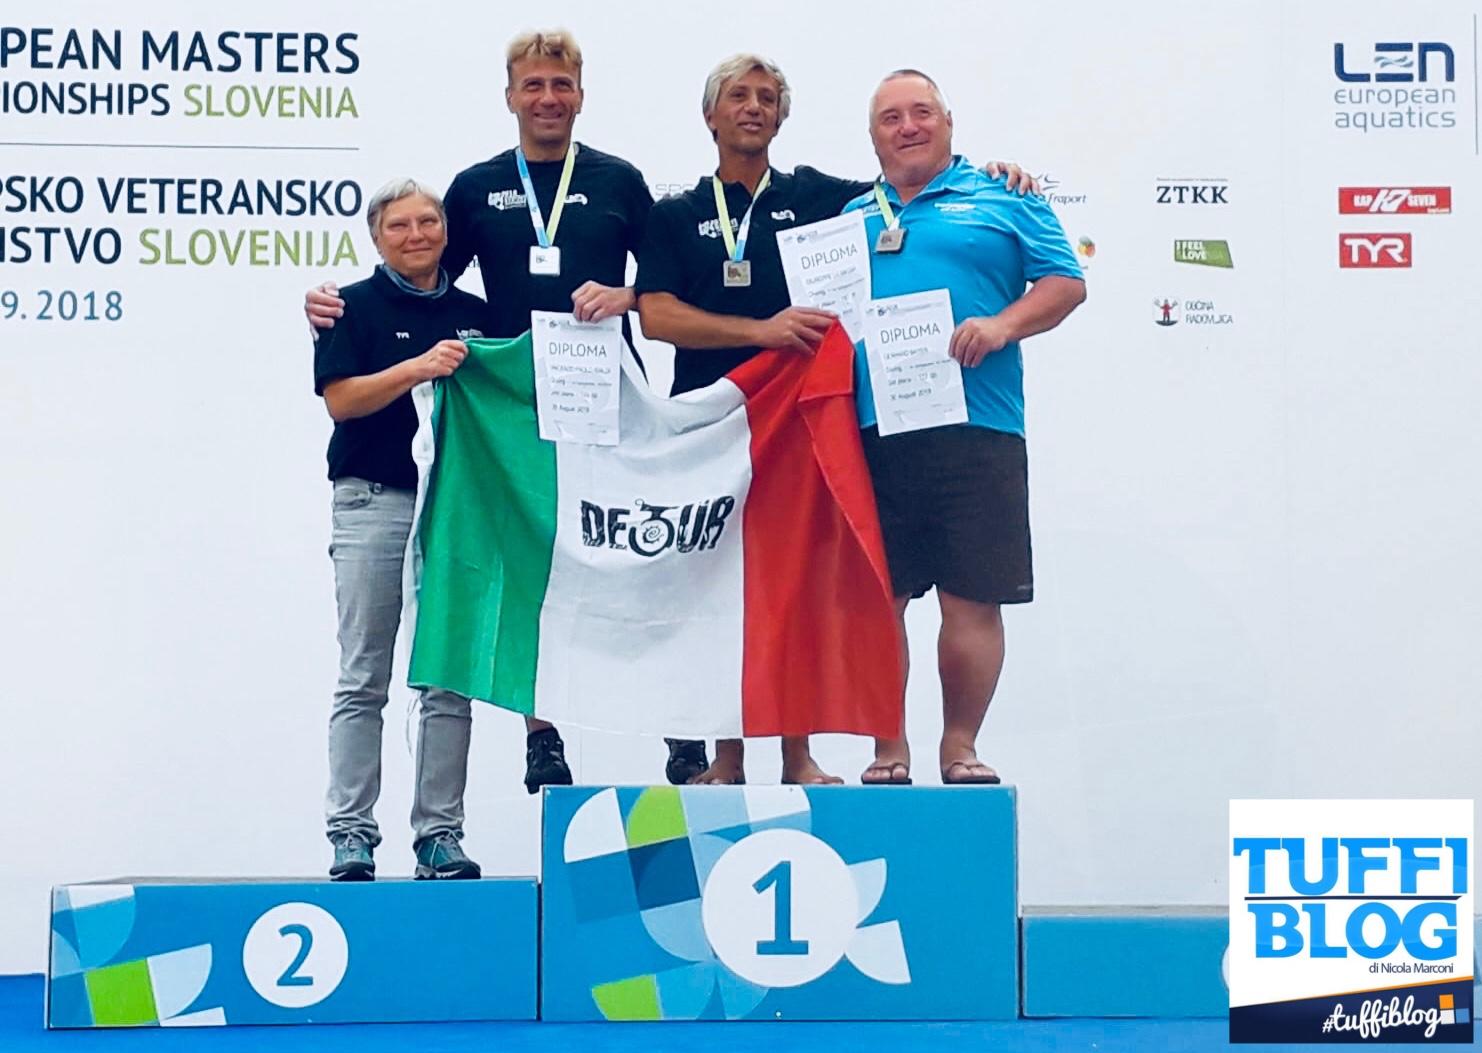 Europei Master: Jesenice - La Magna e Rialdi raddoppiano!